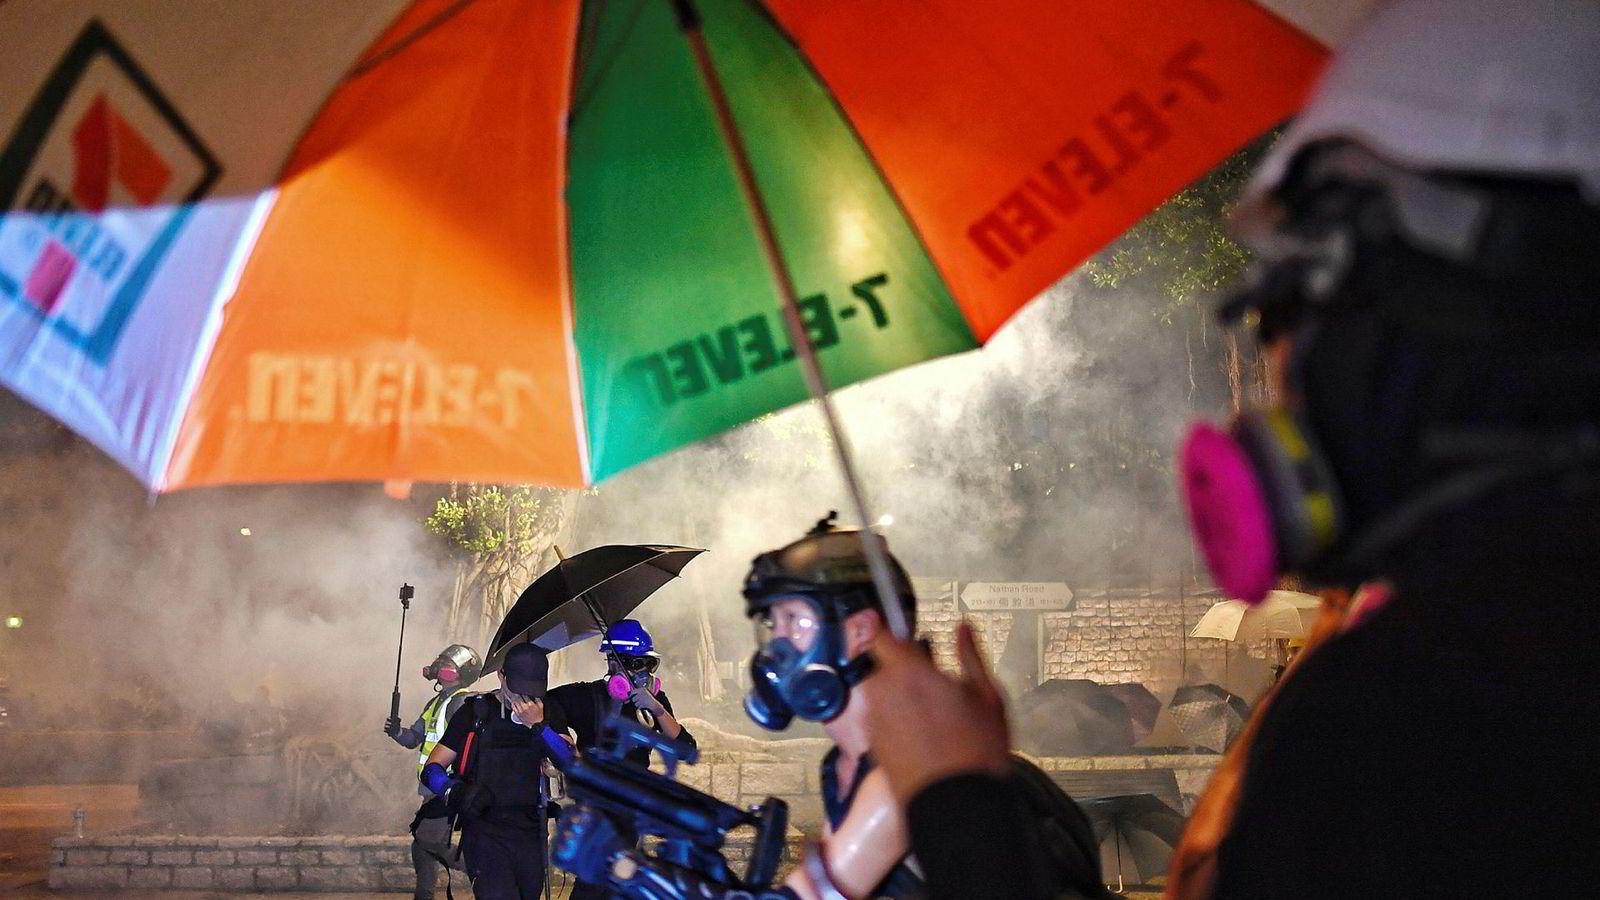 Både politi og demonstranter i Hongkong anklages for uakseptabel voldsbruk. Her bruker politiet tåregass for å spre demonstrantene utenfor politistasjonen Tsim Sha Tsui.